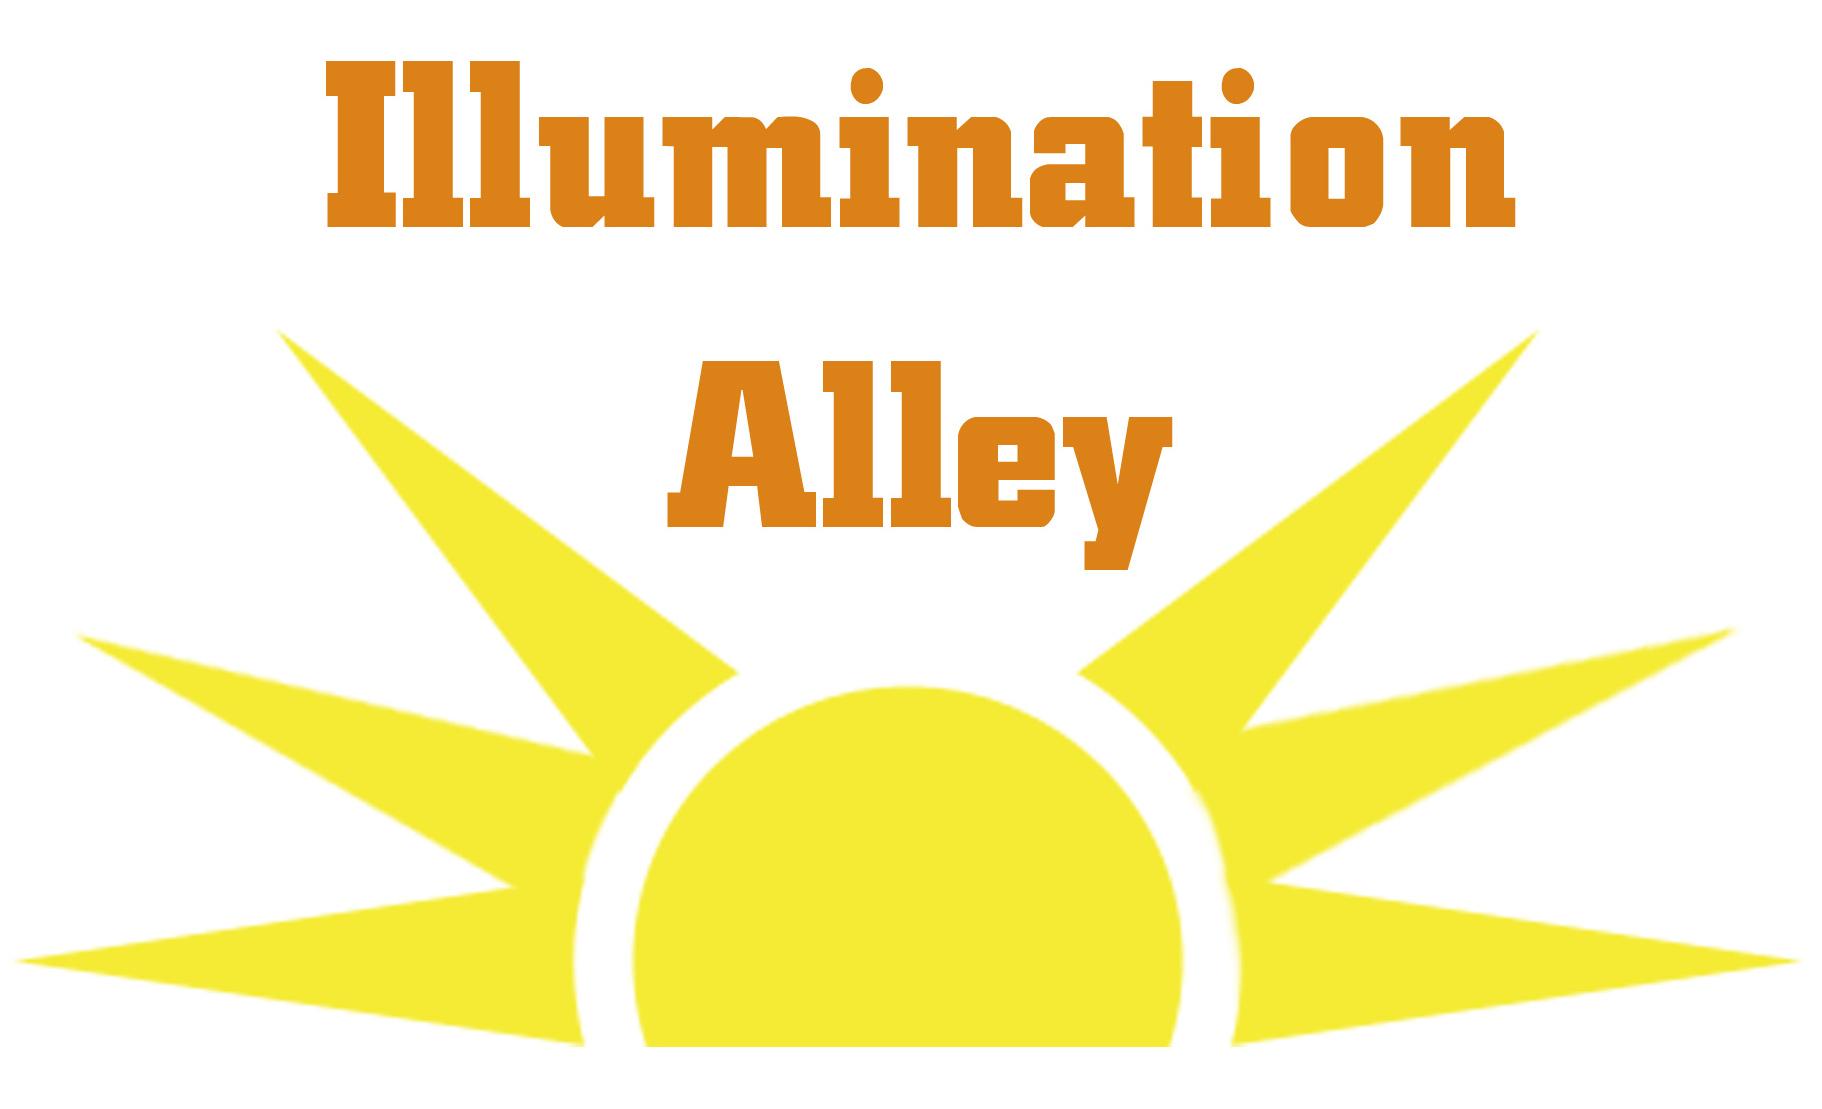 Illimuniation-alley-logo-300dpi-cropped.jpg